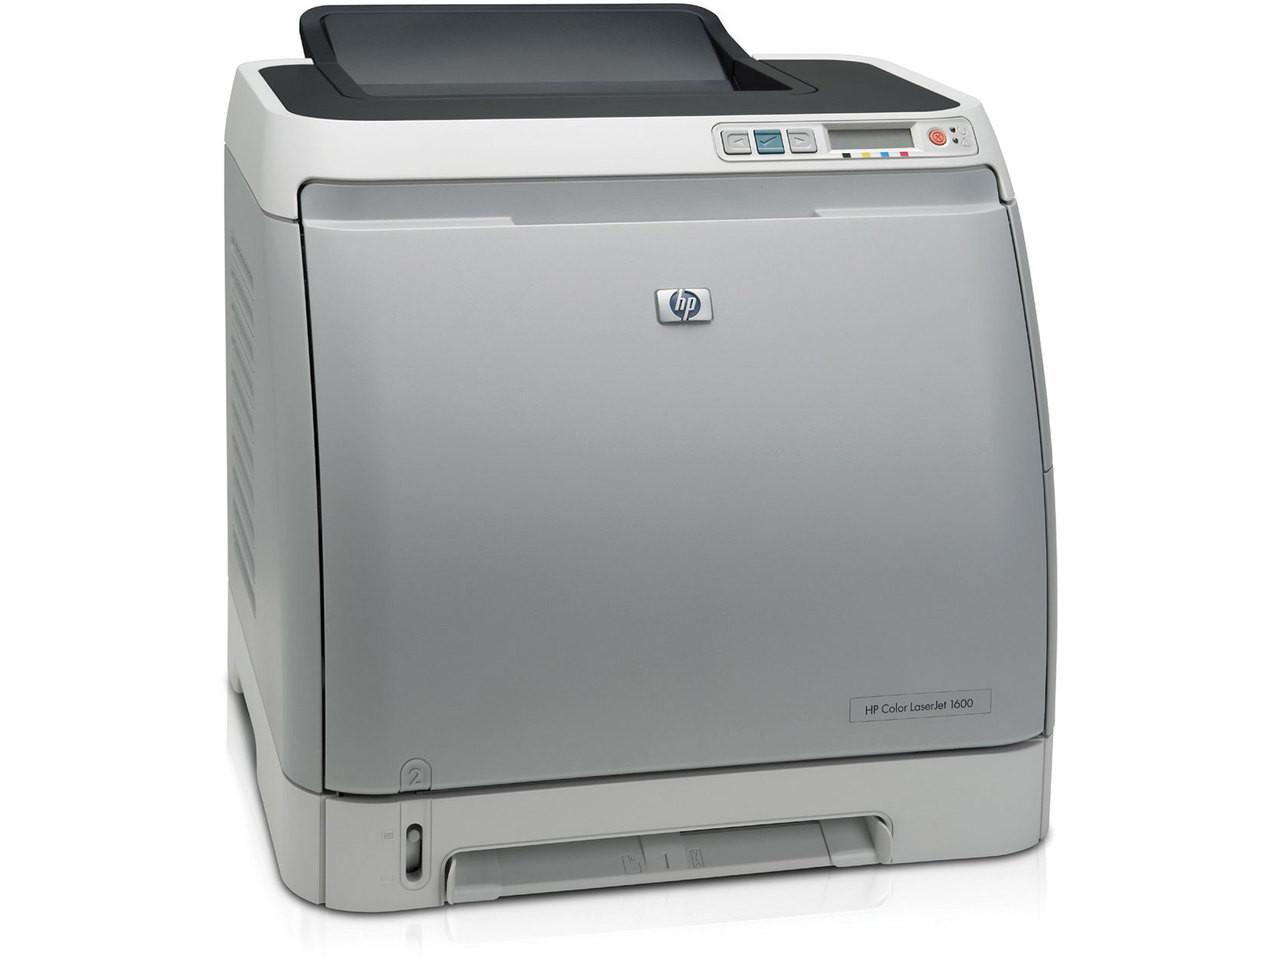 HP Color LaserJet 1600 - CB373A -  HP Laser Printer for sale